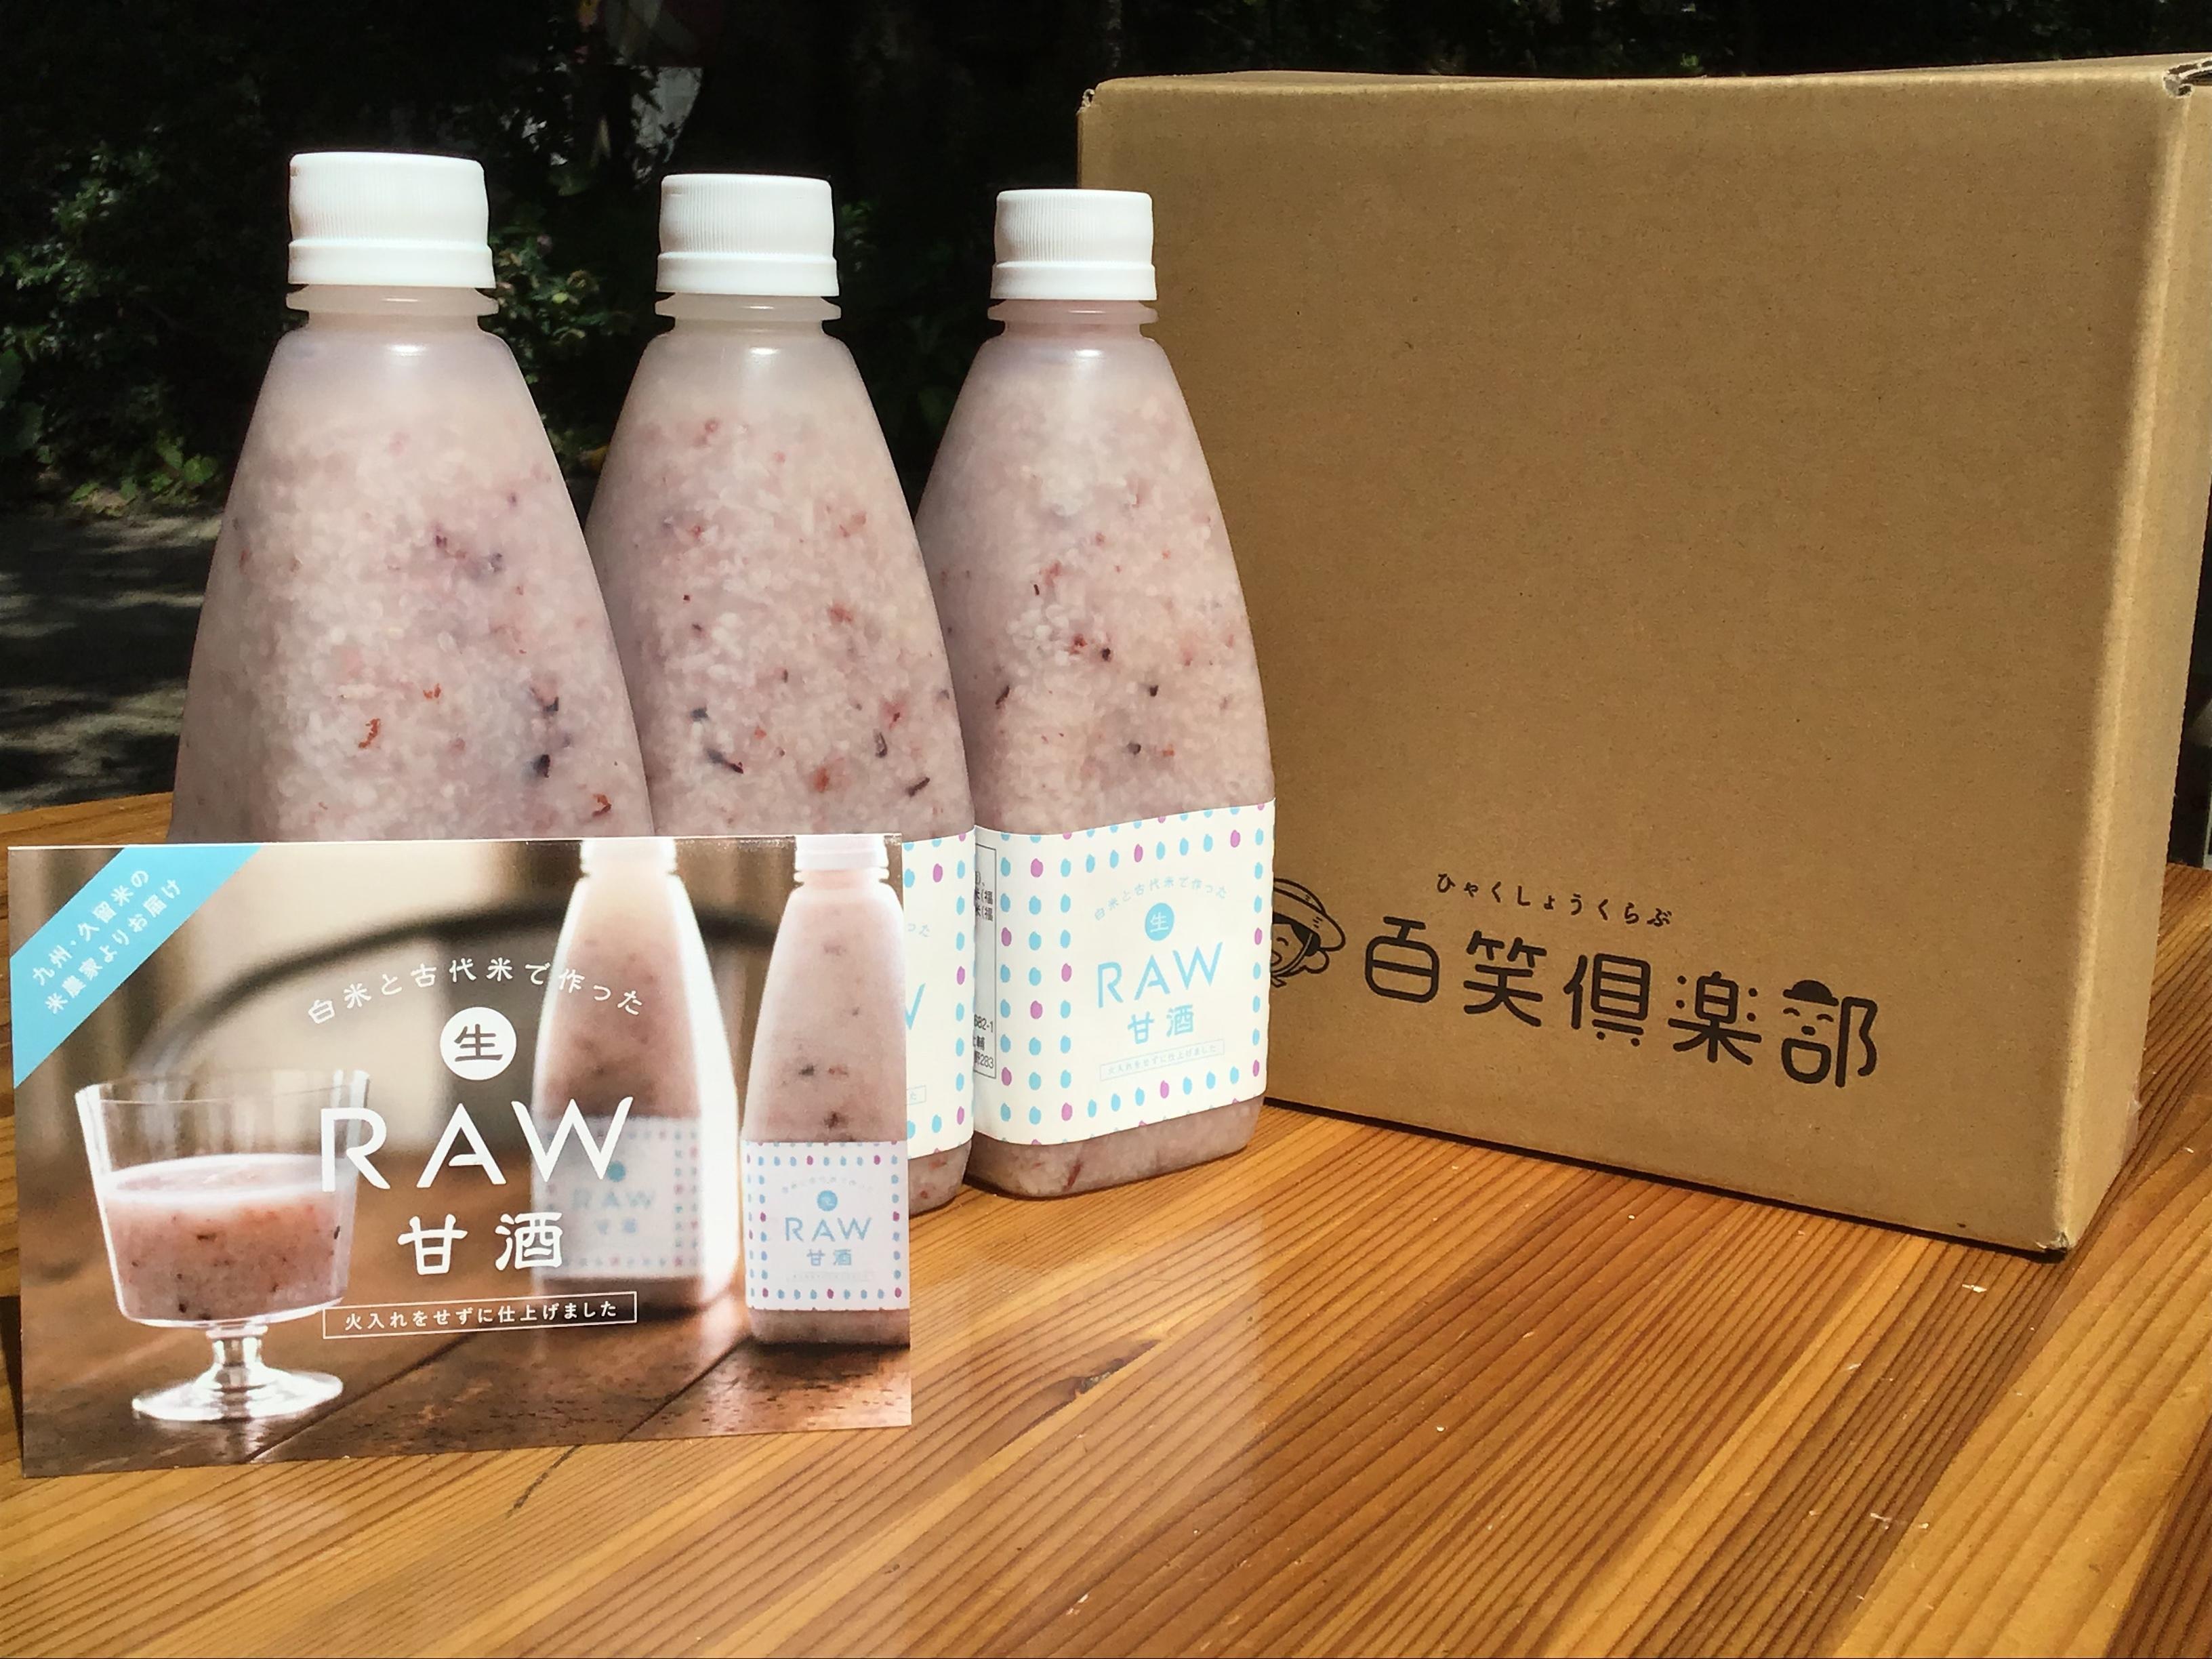 【3本セット】RAW甘酒(古代米生甘酒)